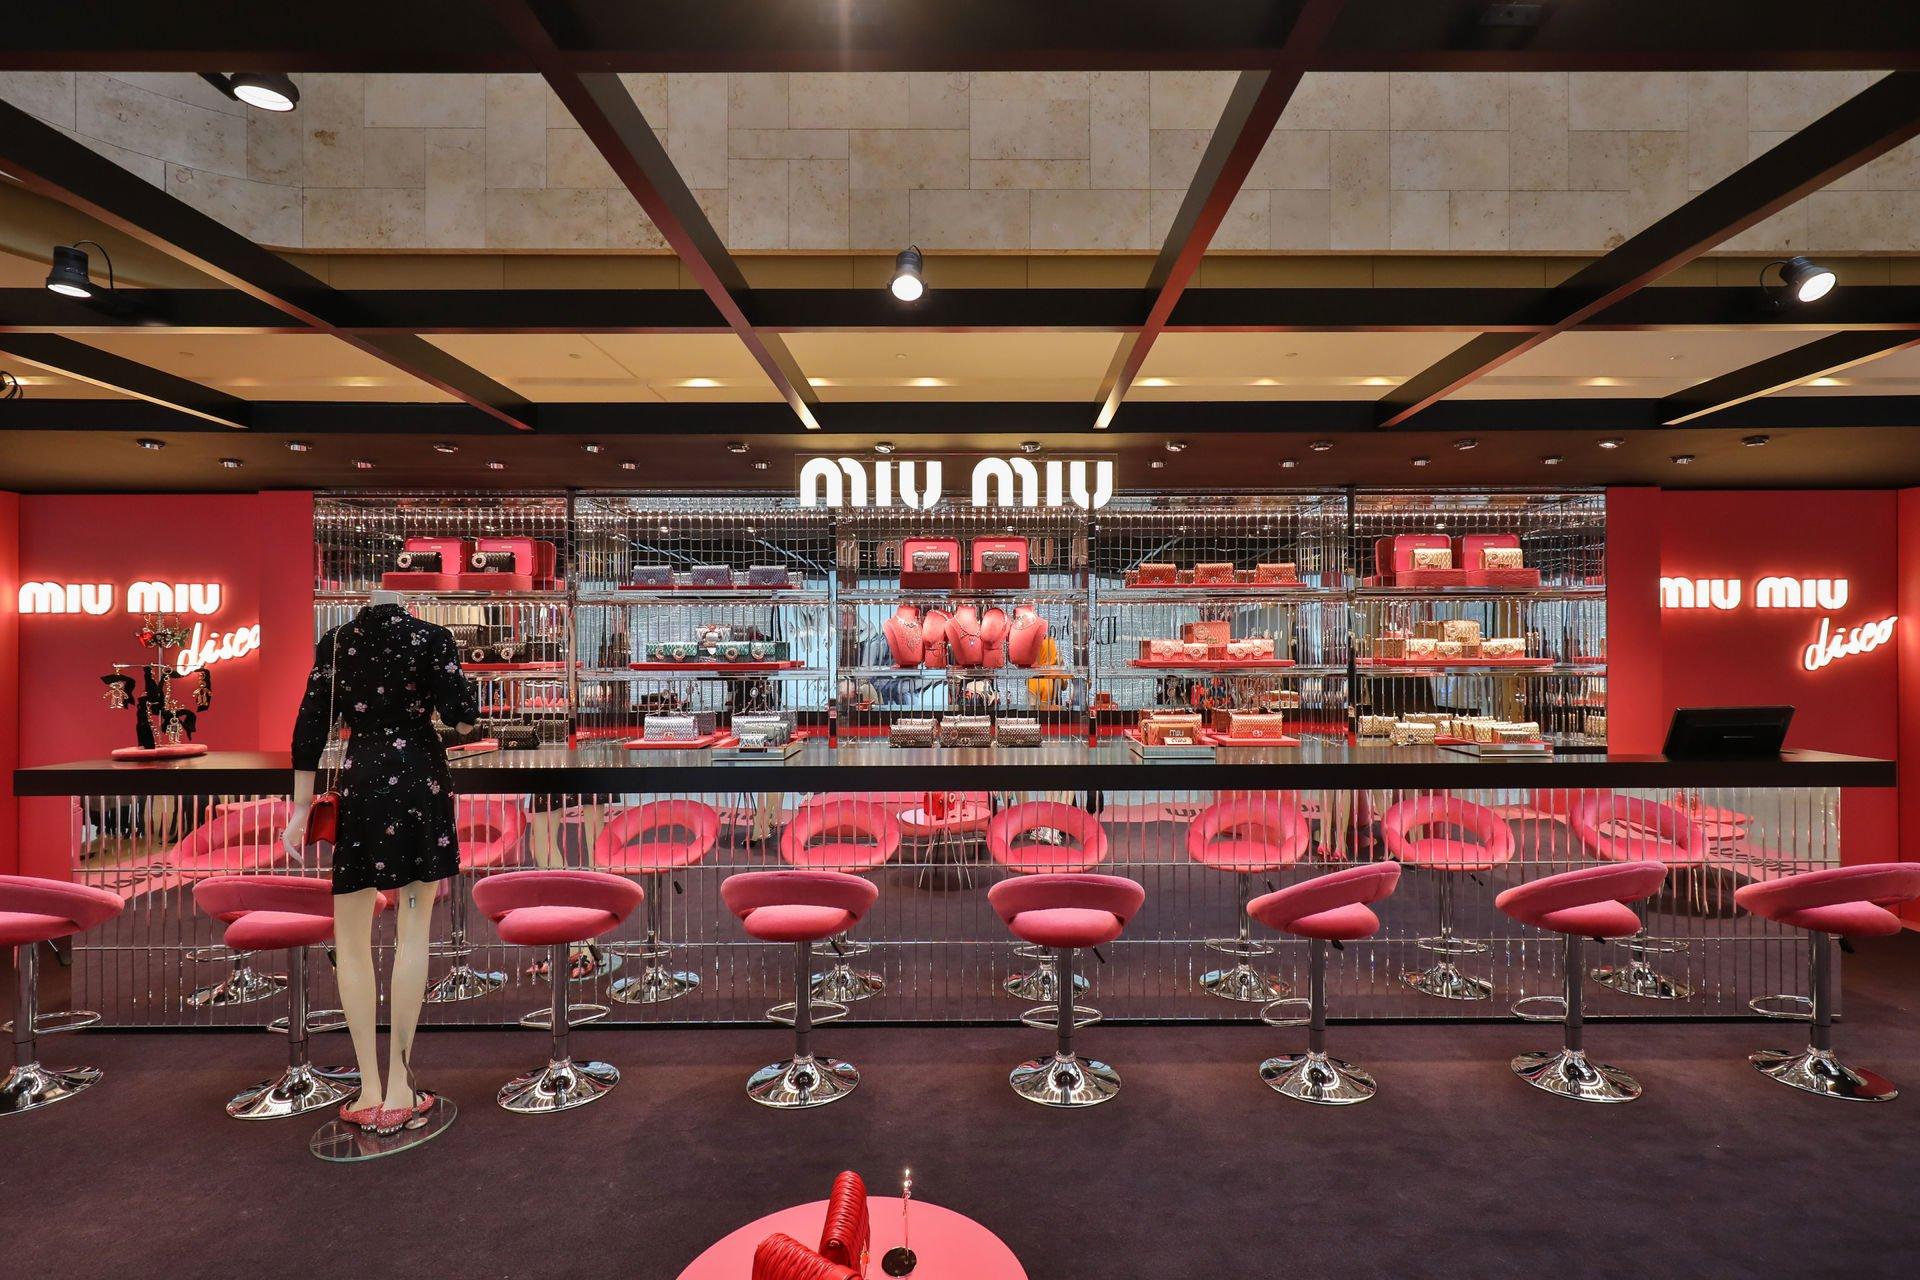 Miu Miu Disco Pop Up Store Hong Kong Luxury Retail